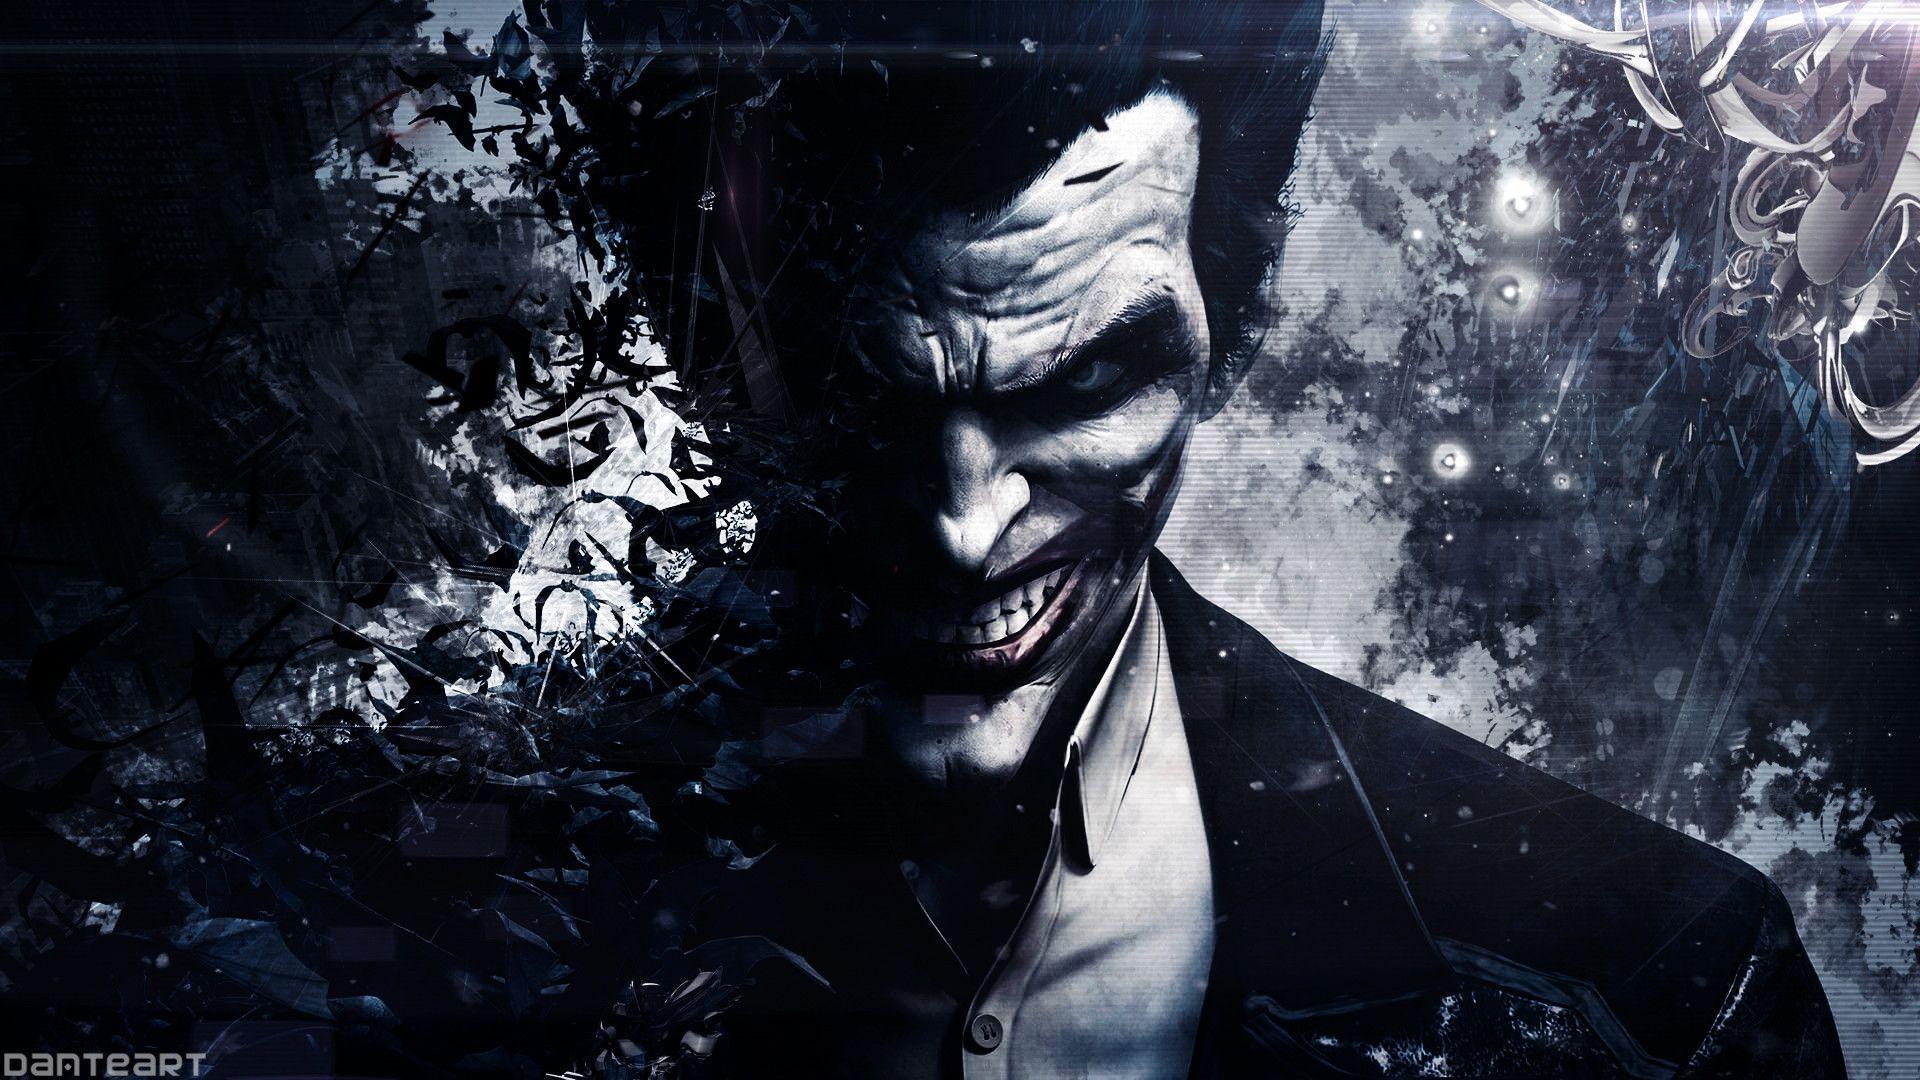 Batman And Joker Wallpapers 1920x1080